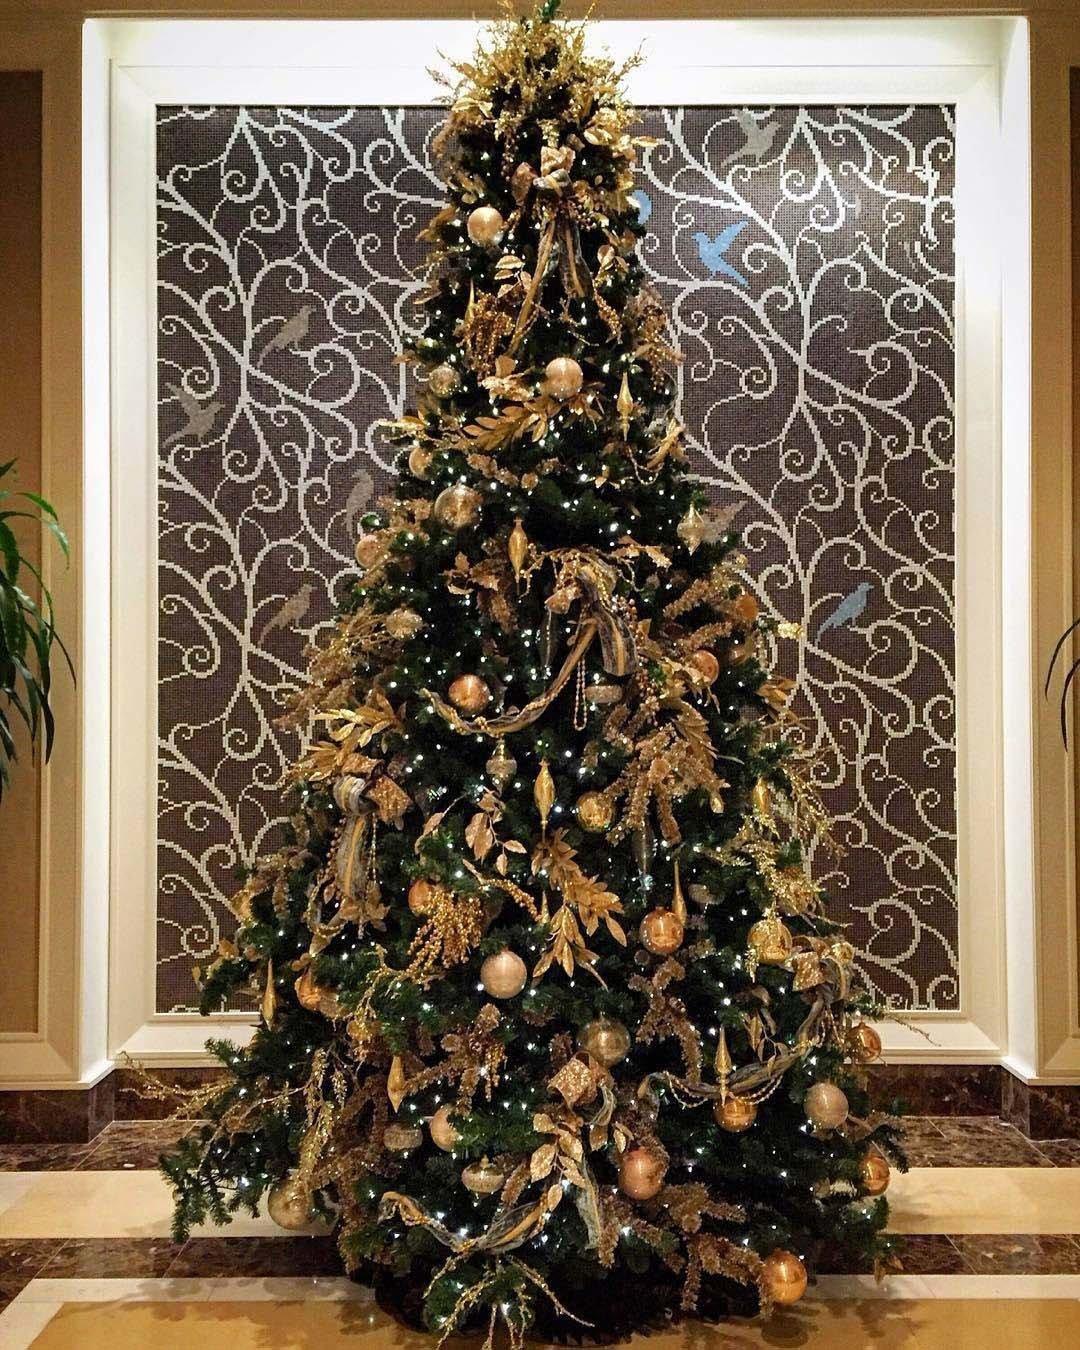 раз украшение елки в красно золотом цвете фото натуральные